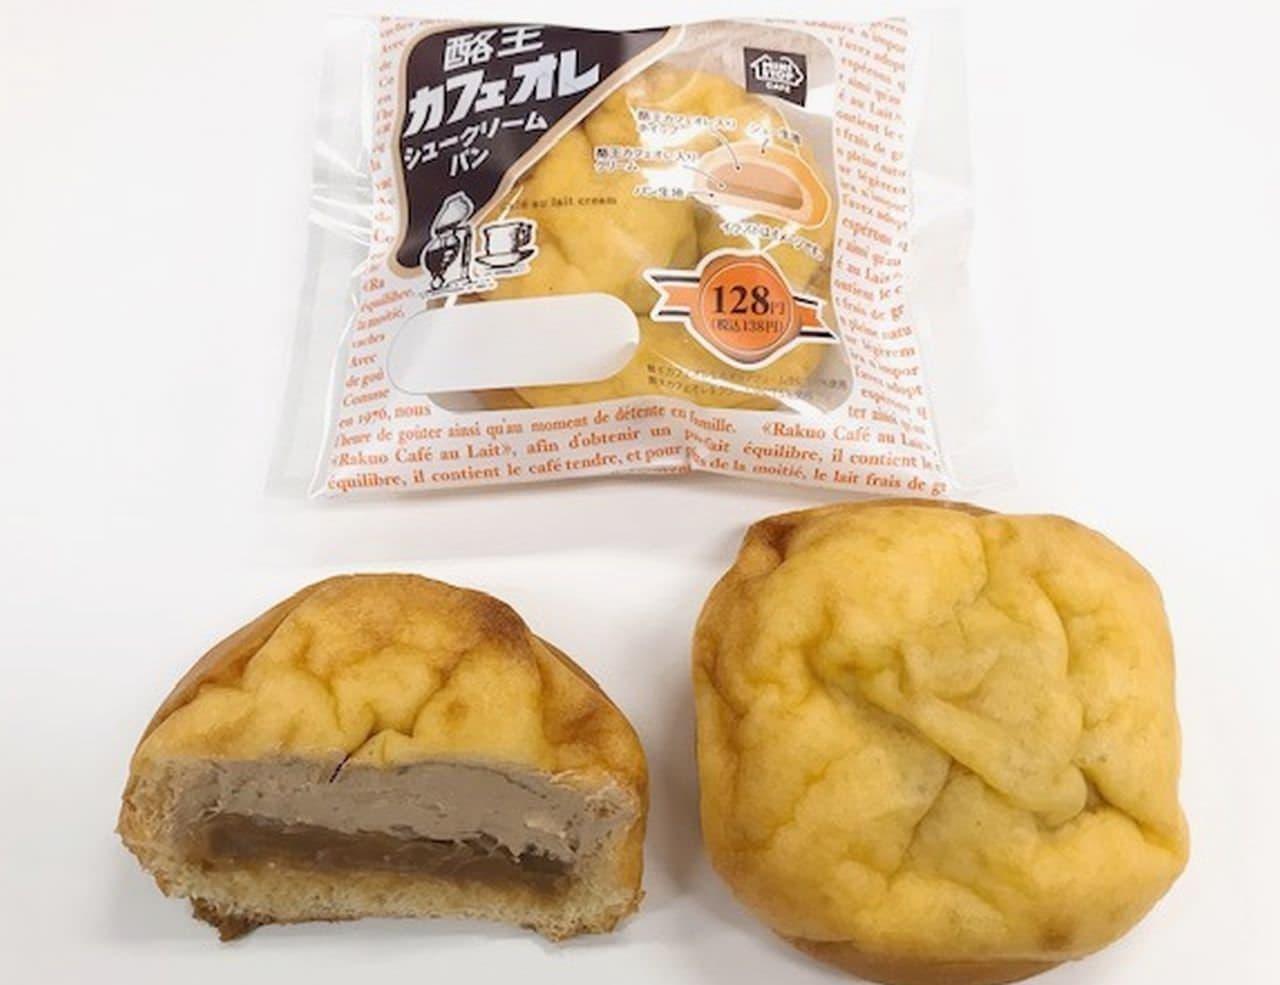 ミニストップ「酪王カフェオレシュークリームパン」